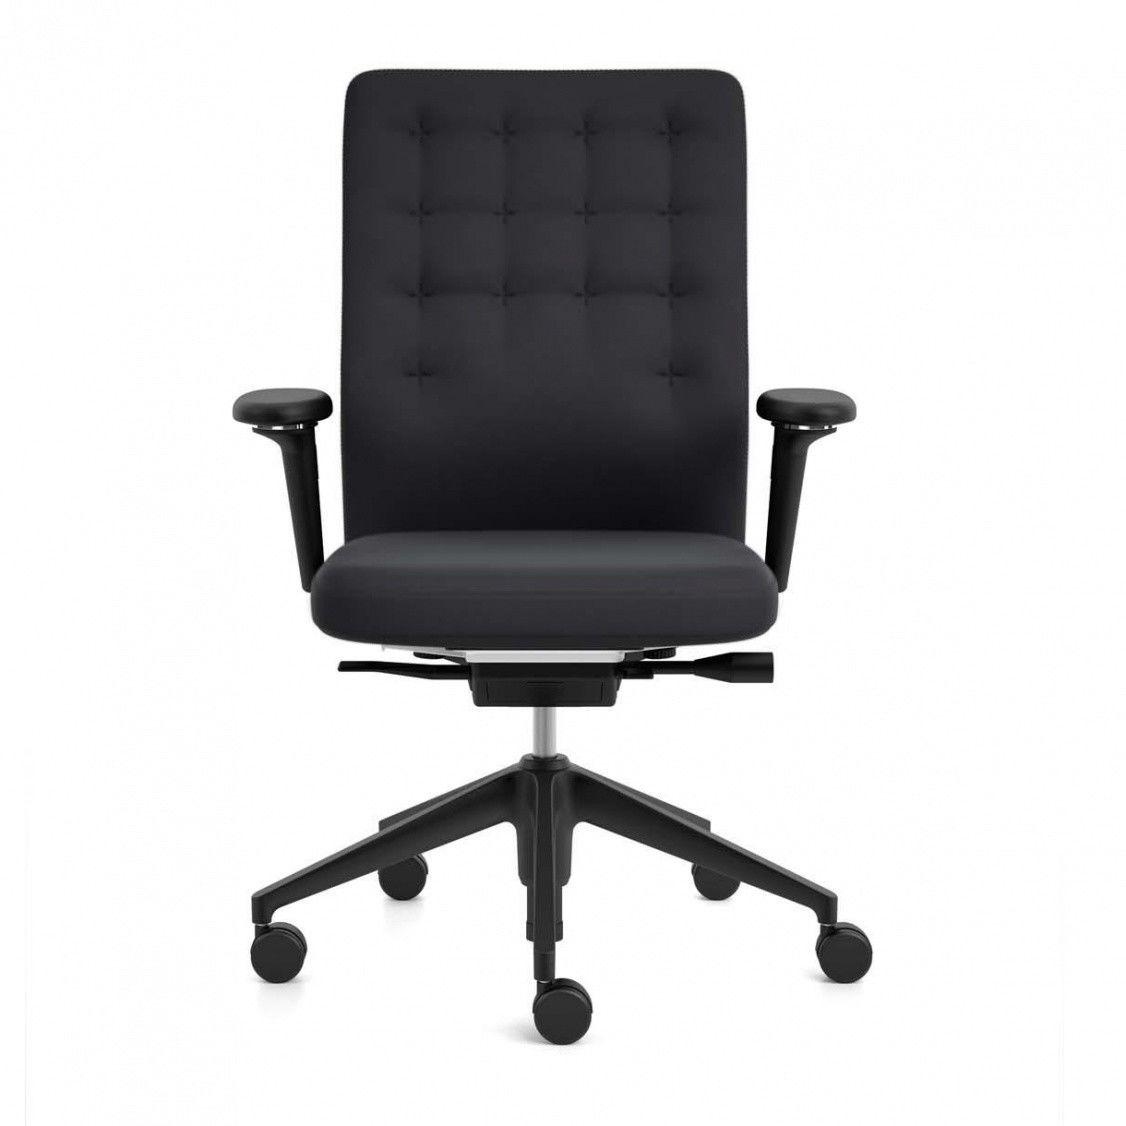 Id trim citterio chaise bureau 2d accoud vitra for Chaise de bureau vitra prix